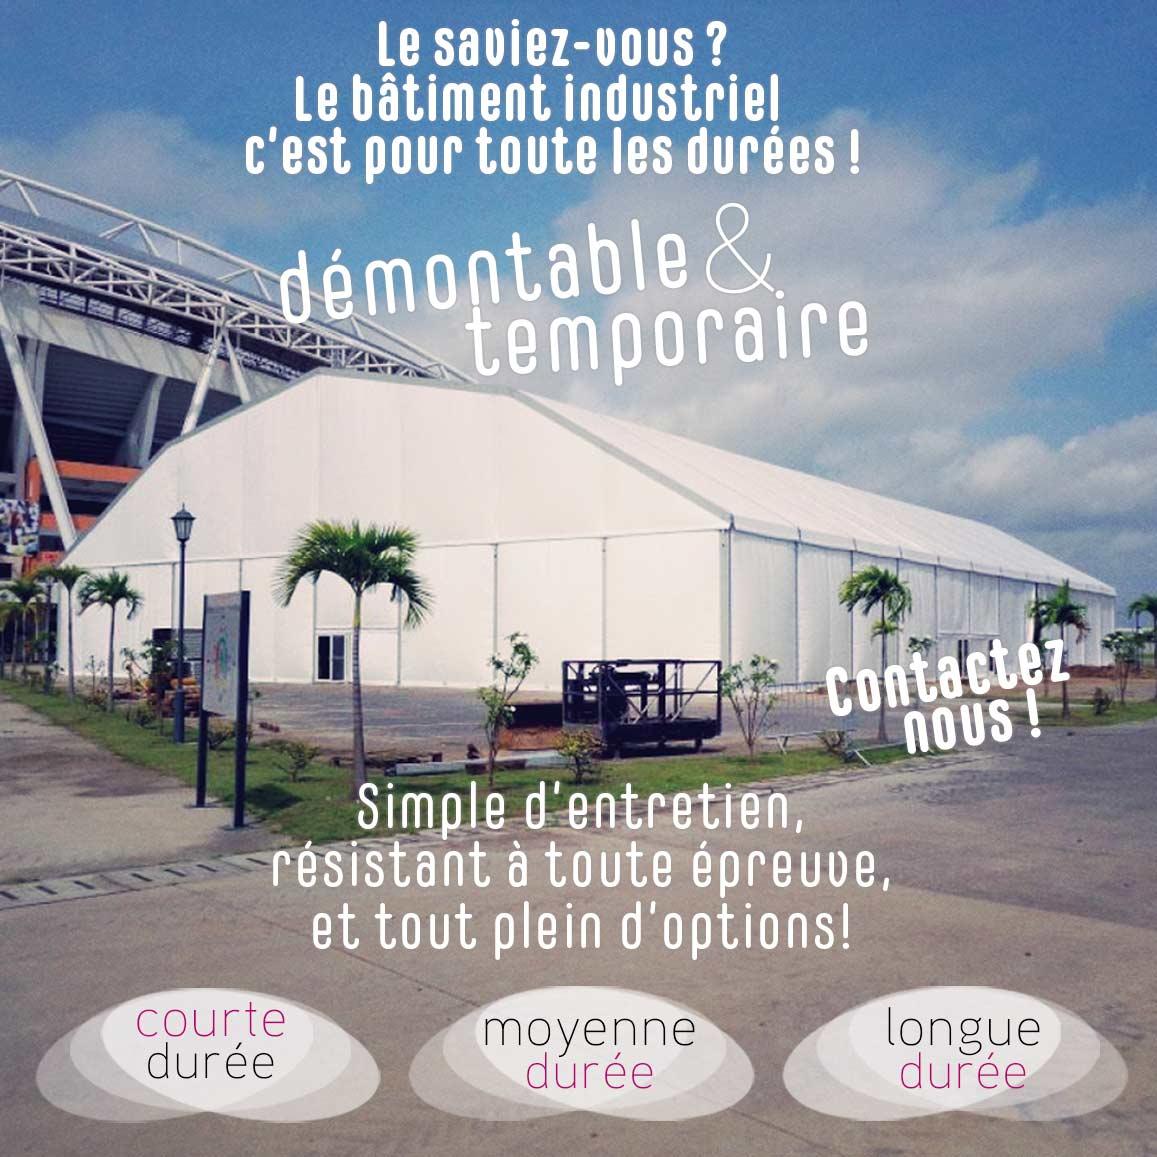 location vente bâtiment industriel démontable sur toute la France avec Structura